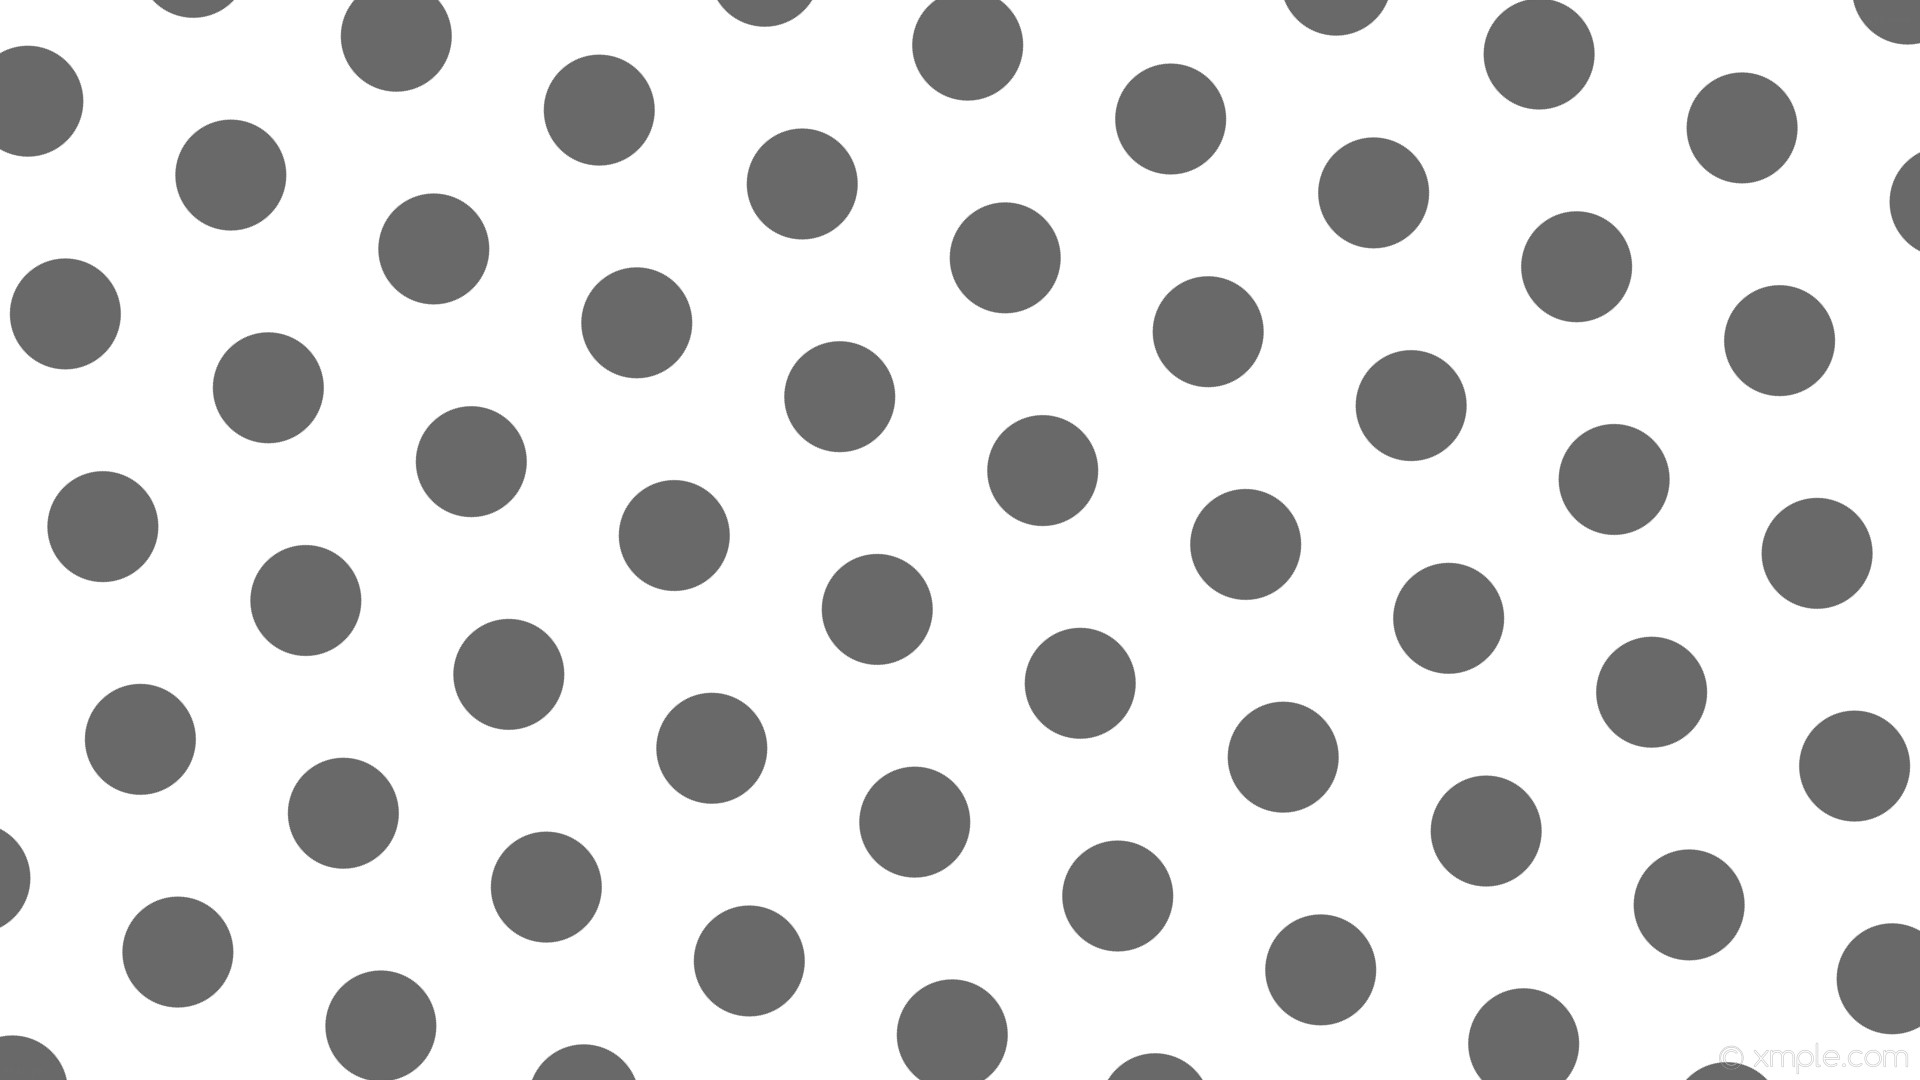 wallpaper grey polka dots hexagon white dim gray #ffffff #696969 diagonal  40° 111px